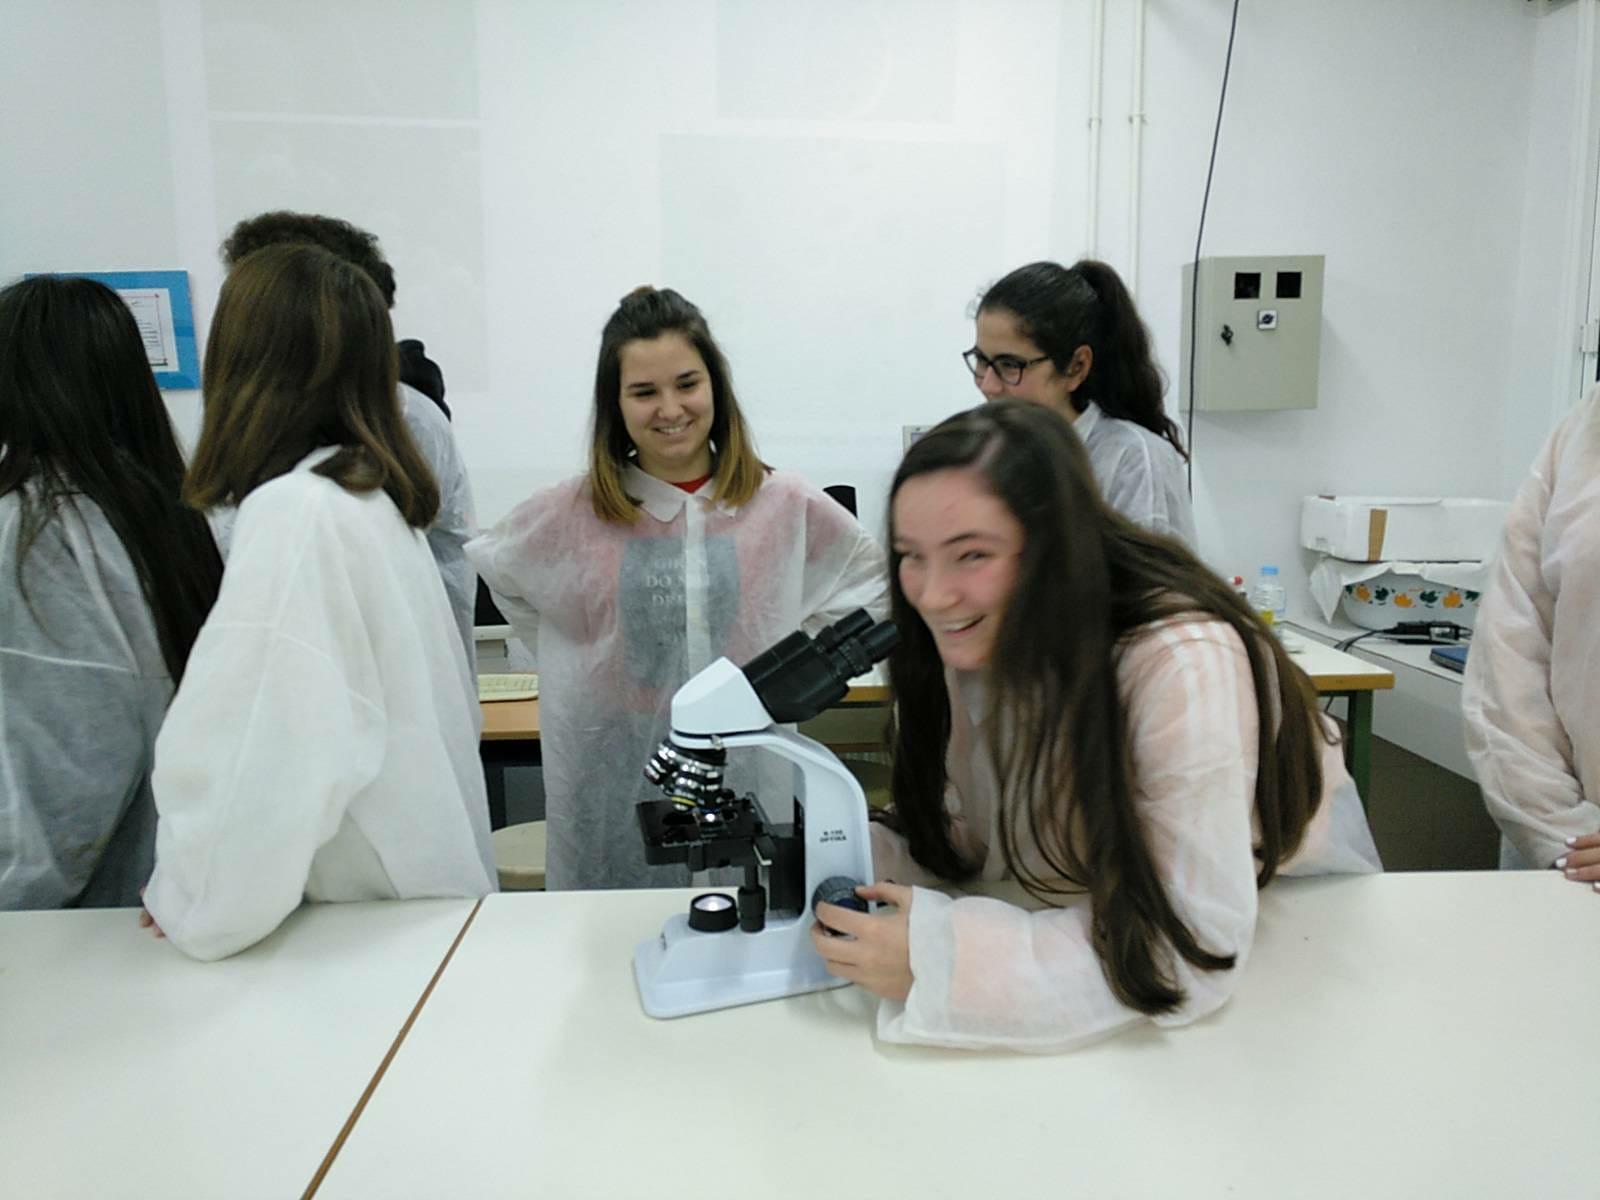 Charla-Inmaculada-Couso-Día-Internacional-de-la-mujer-y-la-niña-en-la-Ciencia-5